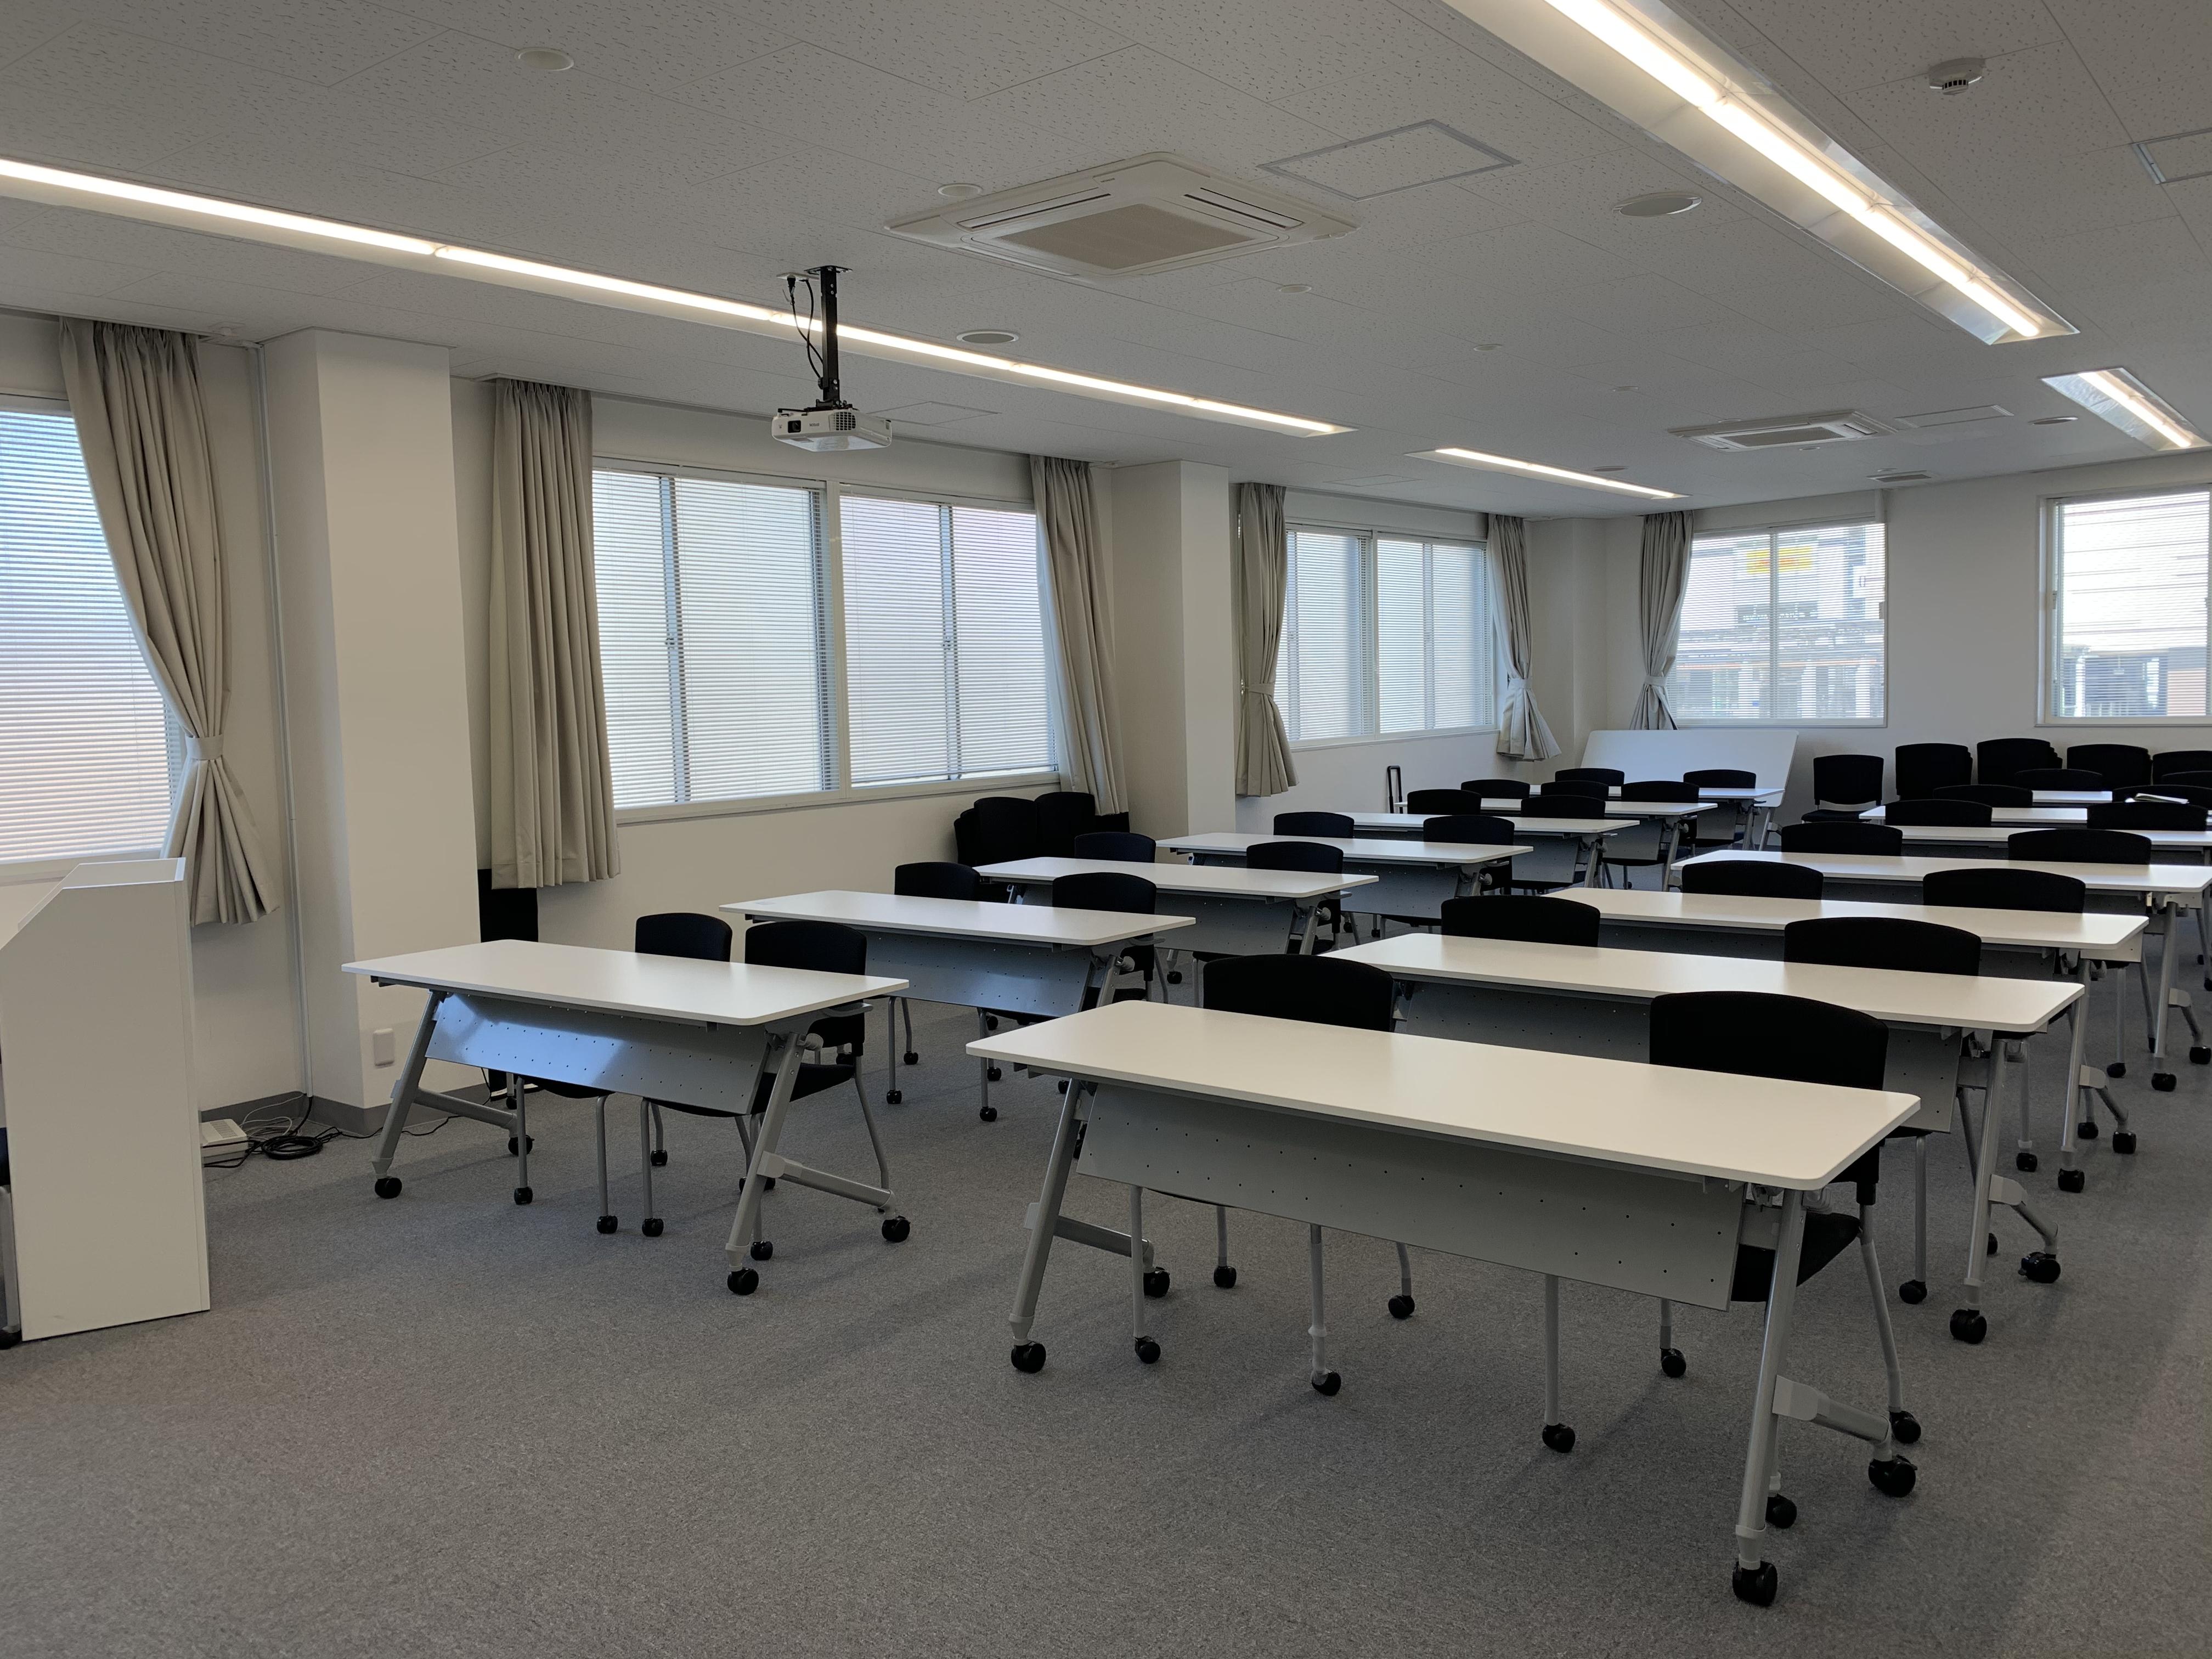 窓も大きく換気もばっちりです - 貸会議室 AI貸会議室の室内の写真